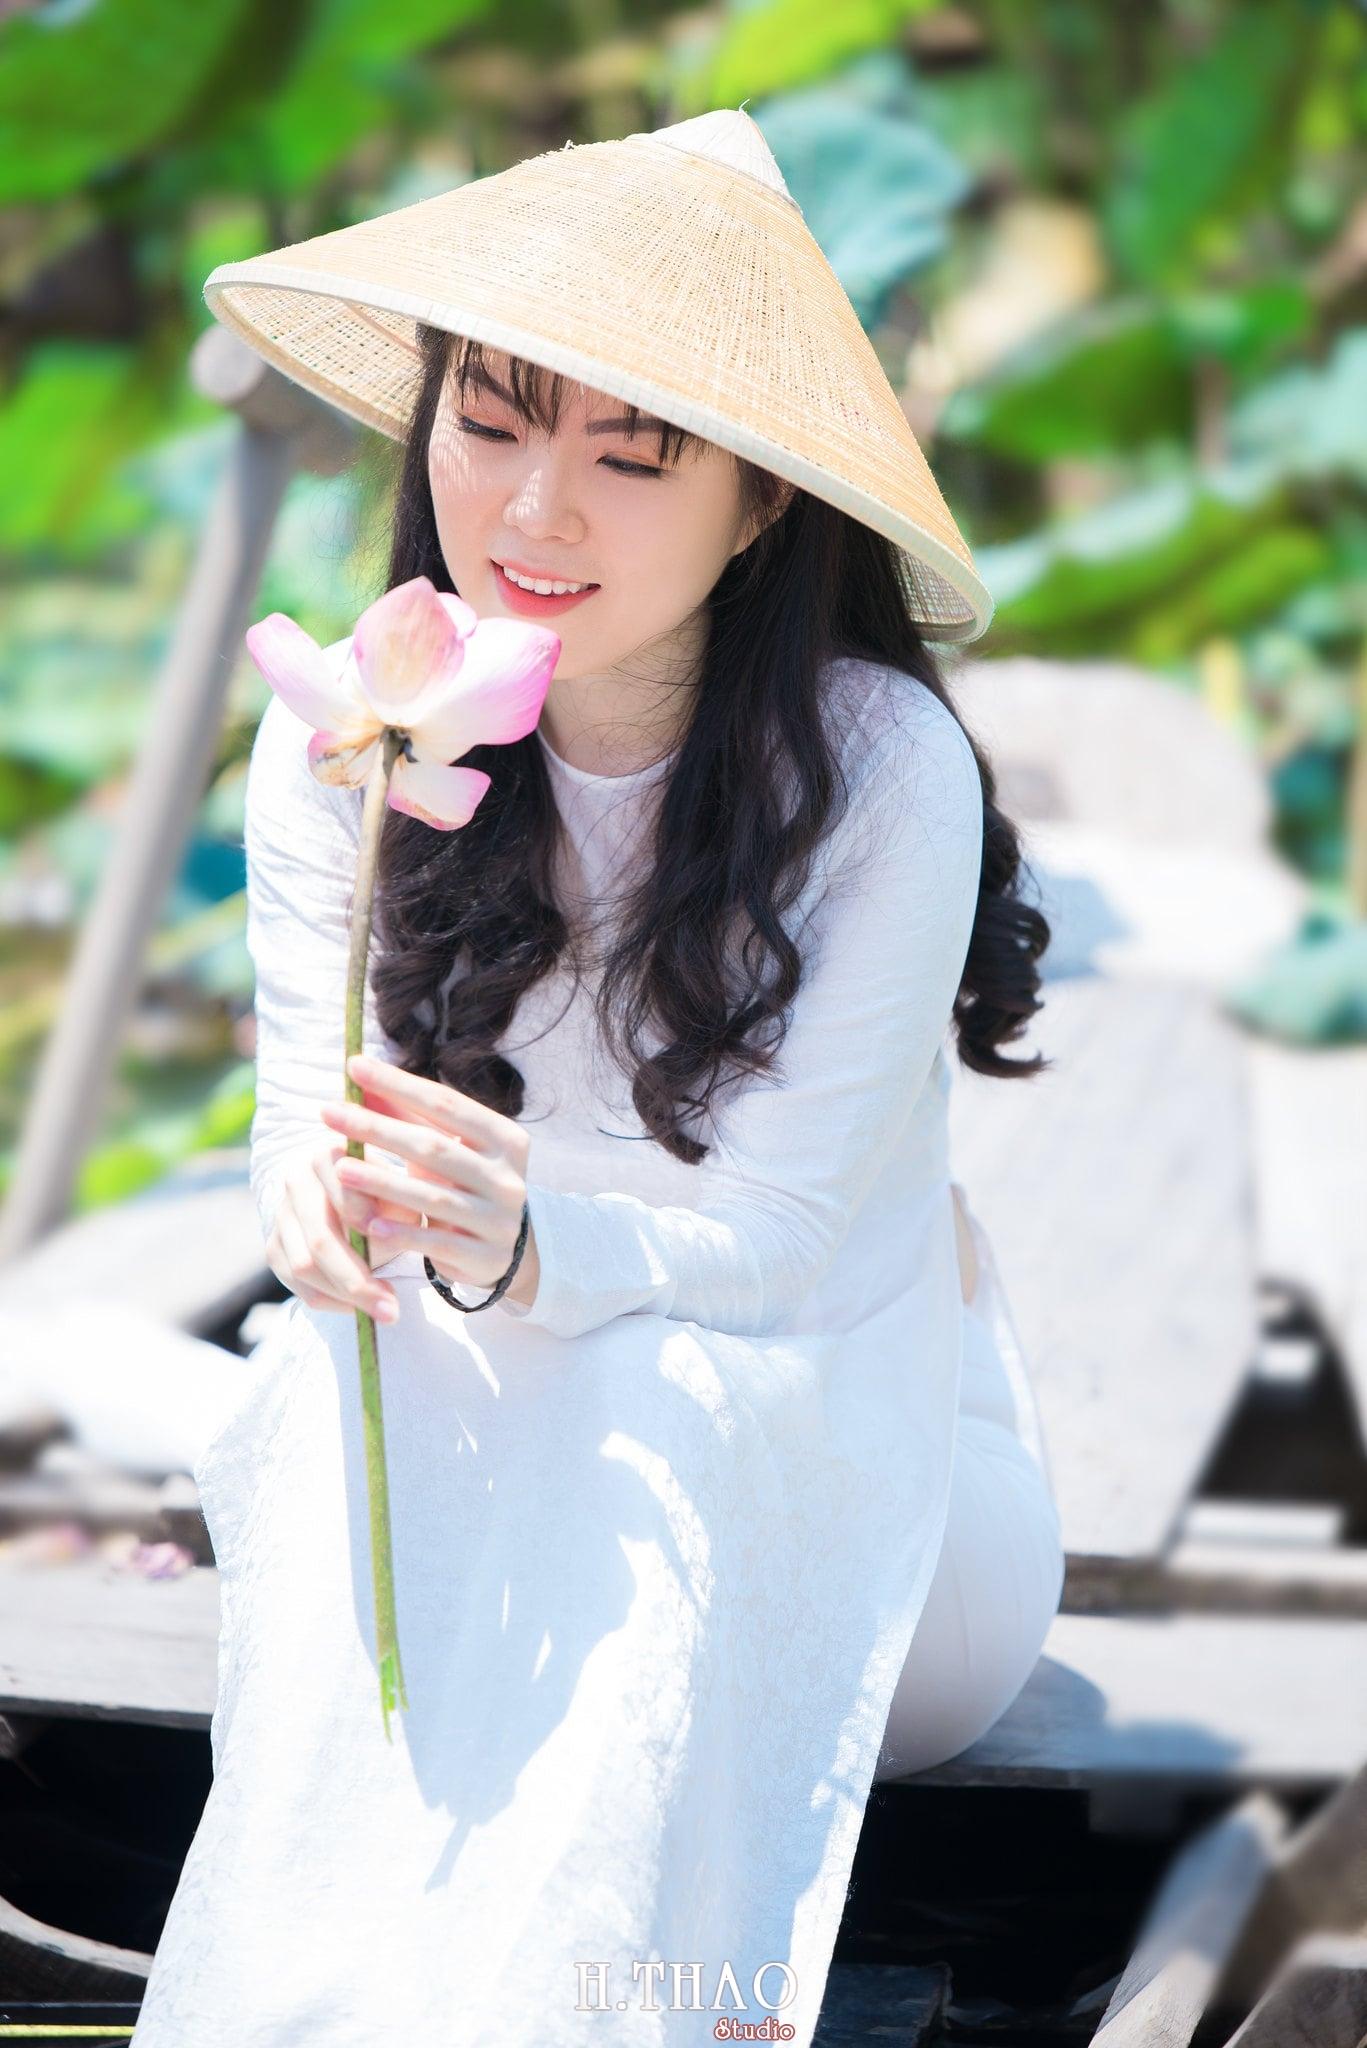 nh áo dài hoa sen 34 - Góc ảnh thiếu nữ áo dài bên hoa sen đẹp tinh khôi- HThao Studio